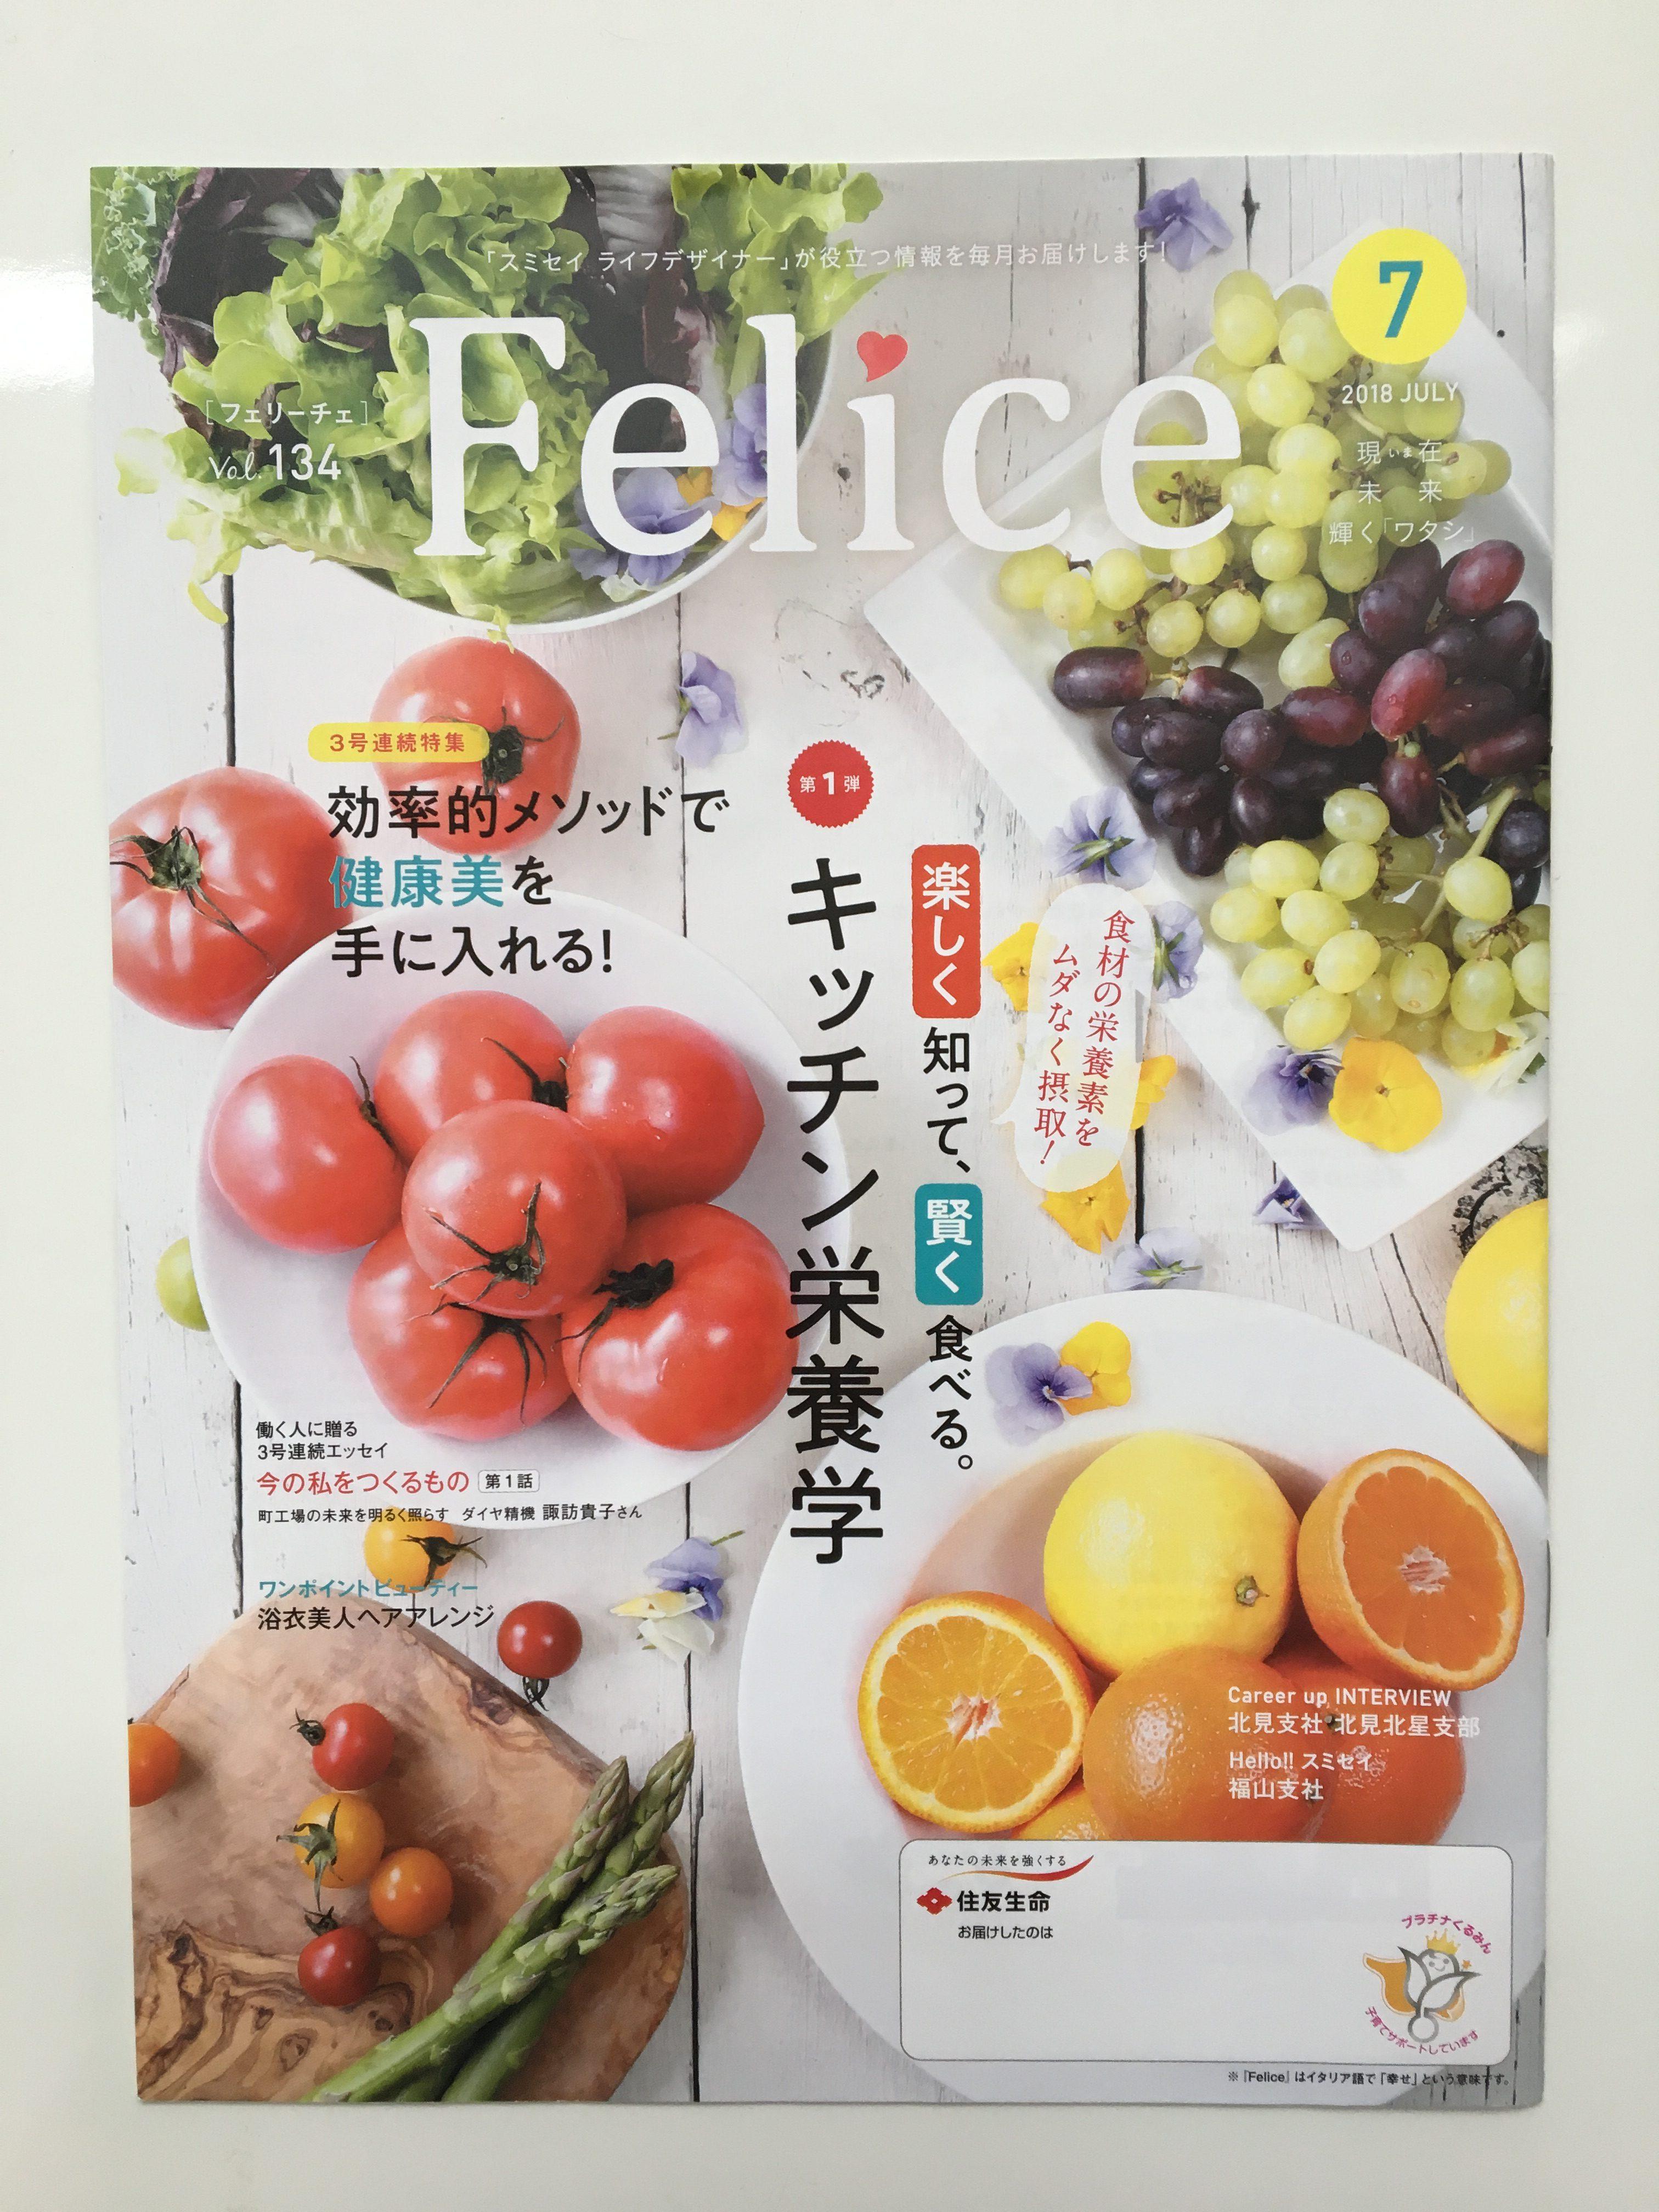 【掲載】住友生命「Felice」効率的メゾッドで健康美を手に入れる